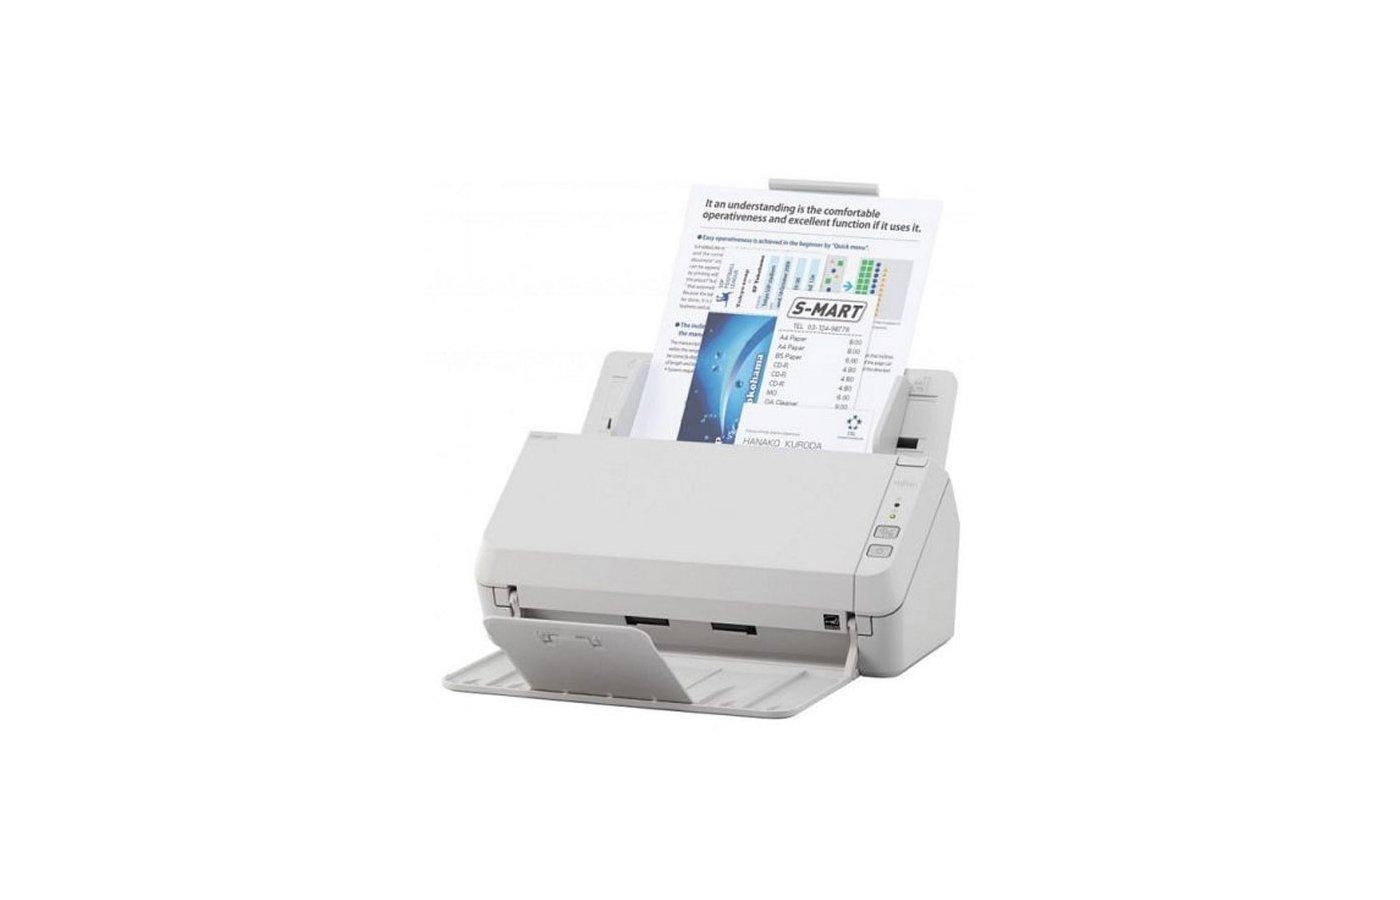 Сканер Fujitsu SP-1125 /PA03708-B011/